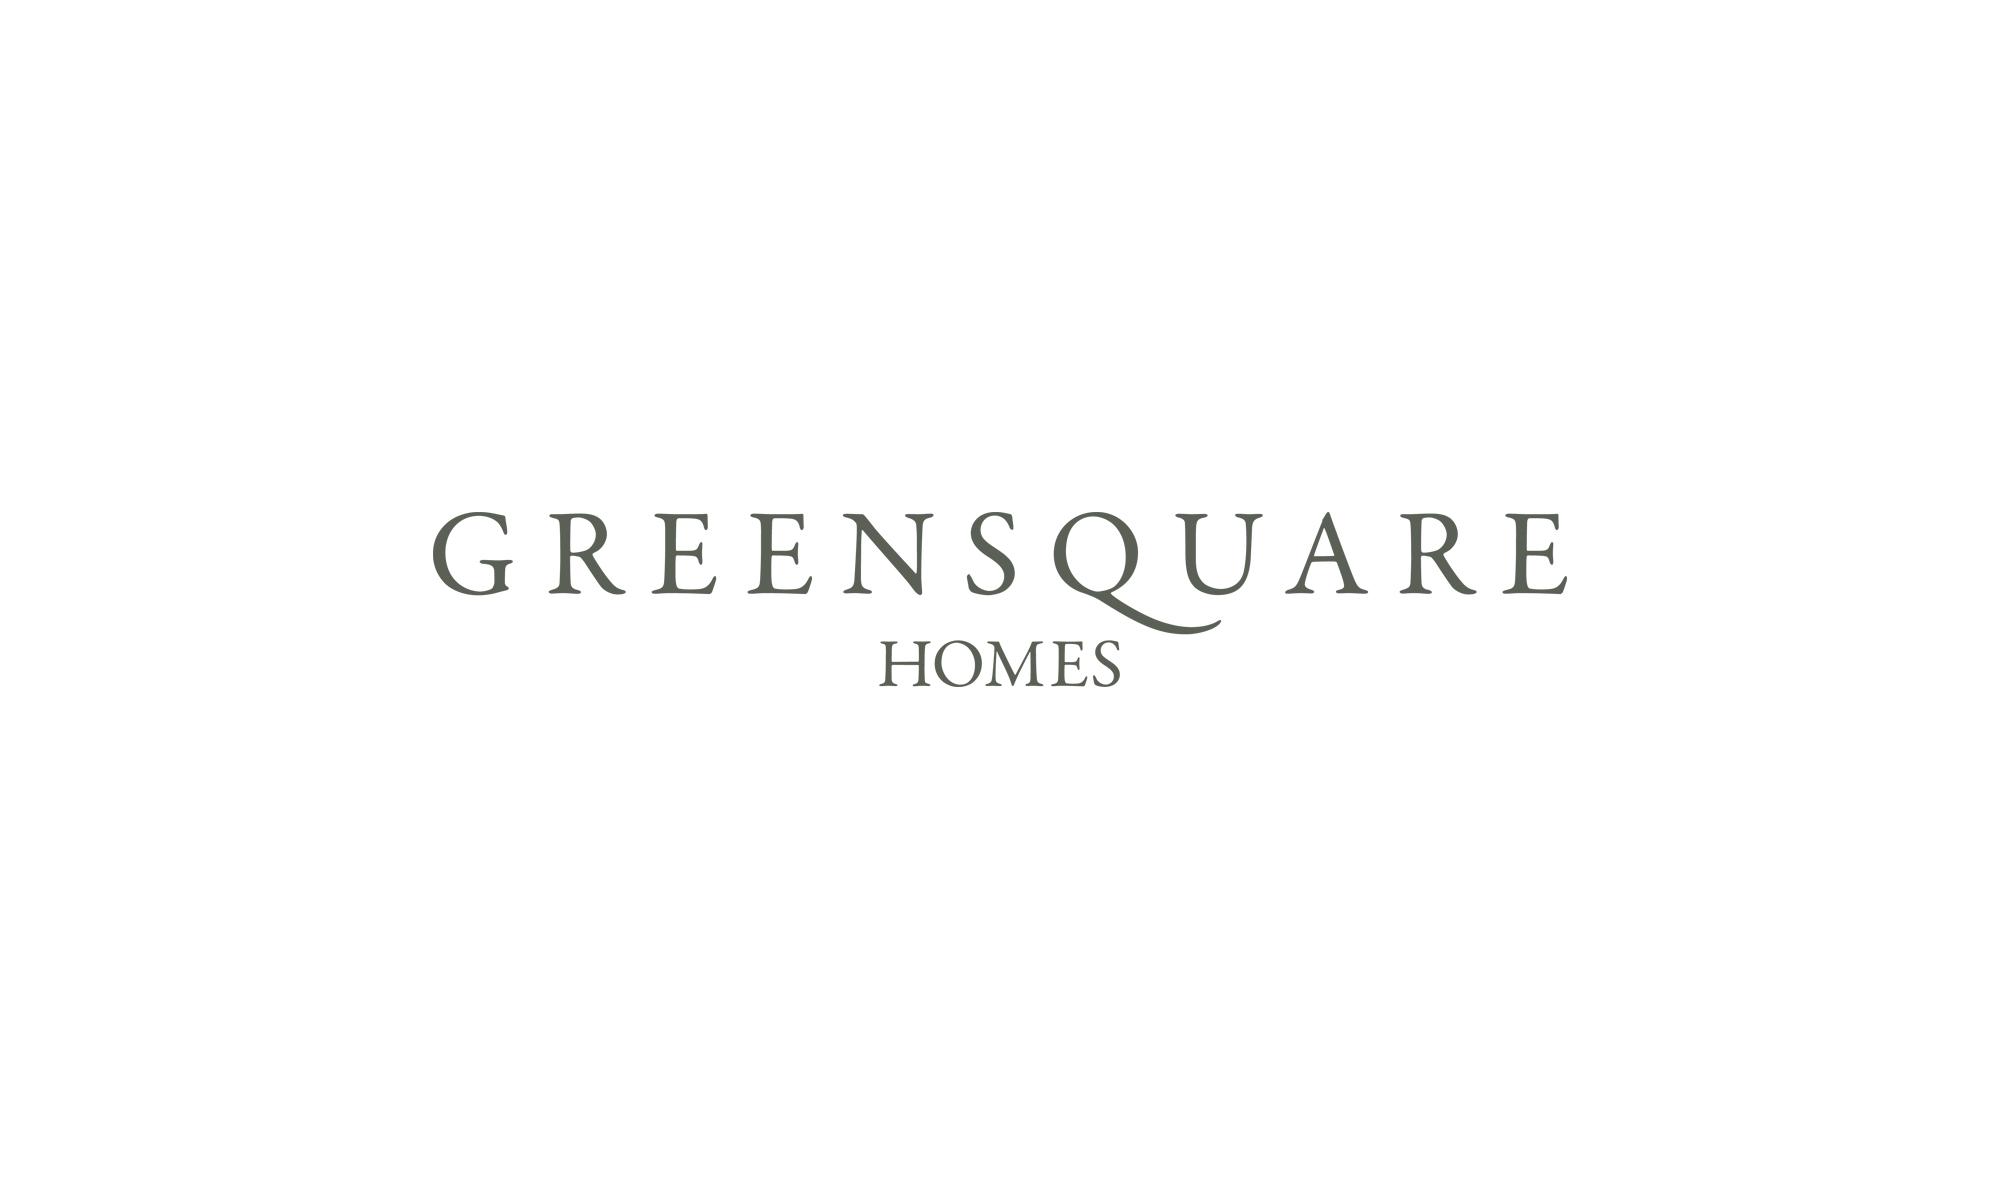 greensquare homes